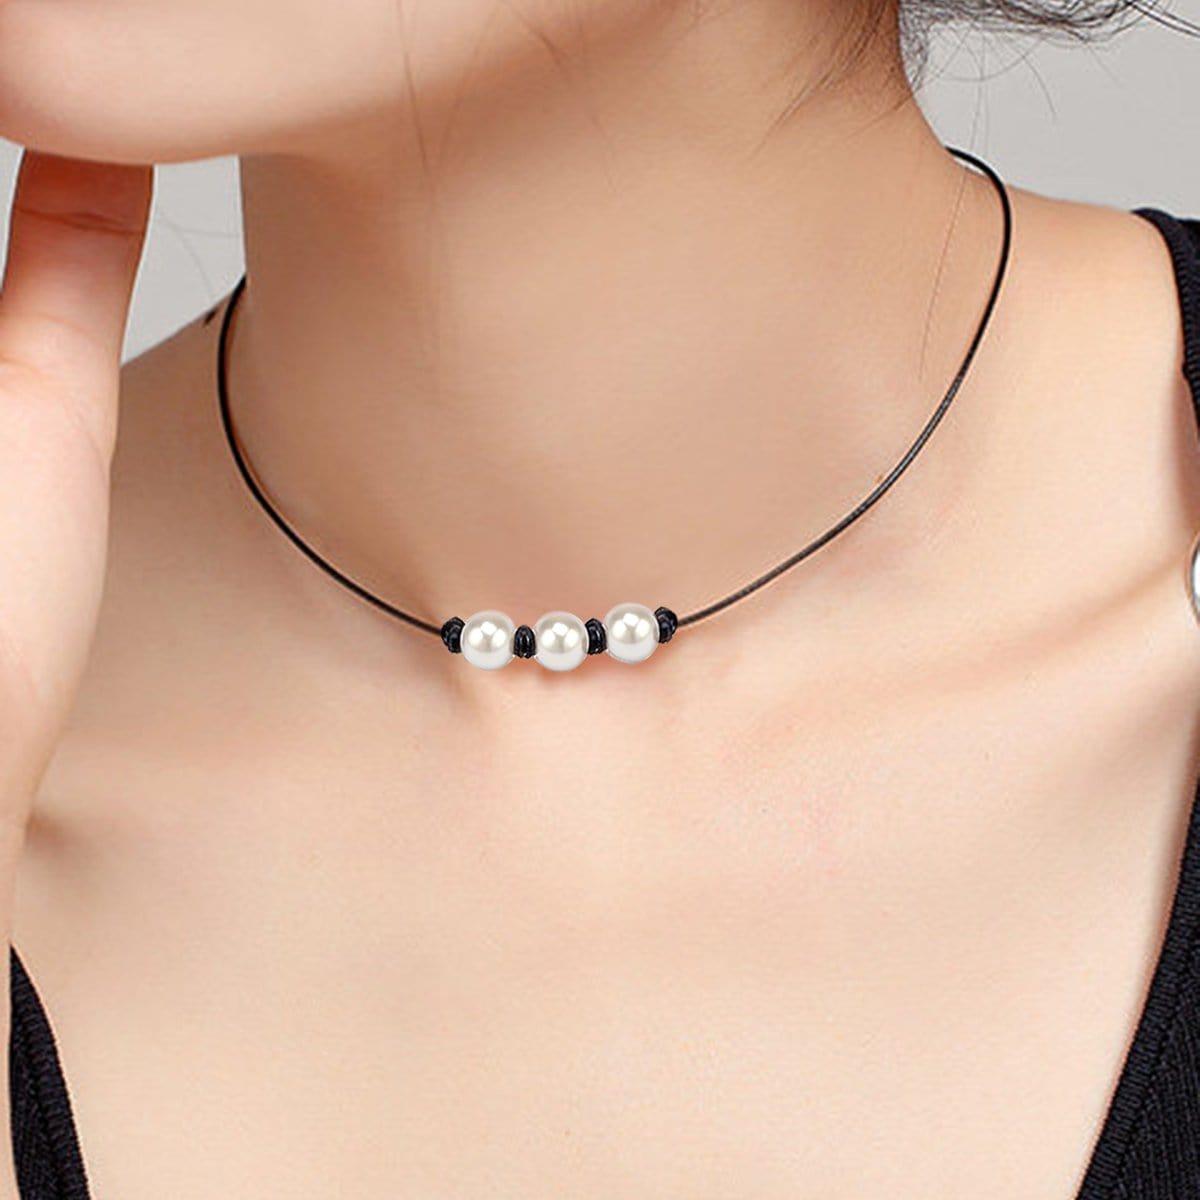 SHEIN / Kunstperlen Anhänger Halskette